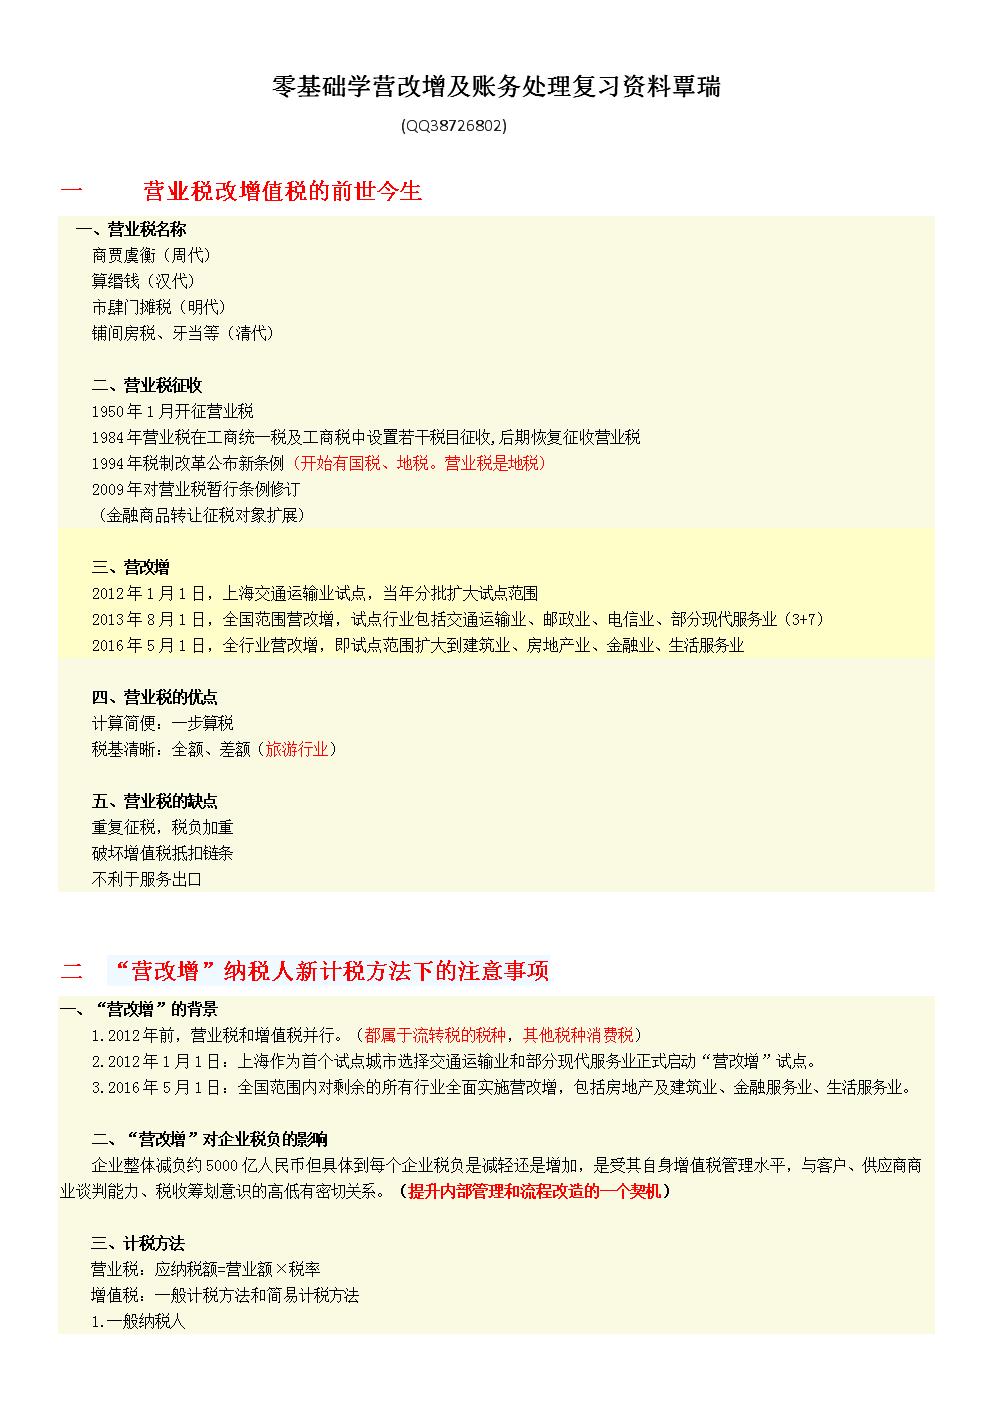 零基础学营改增及账务处理复习资料覃瑞.docx